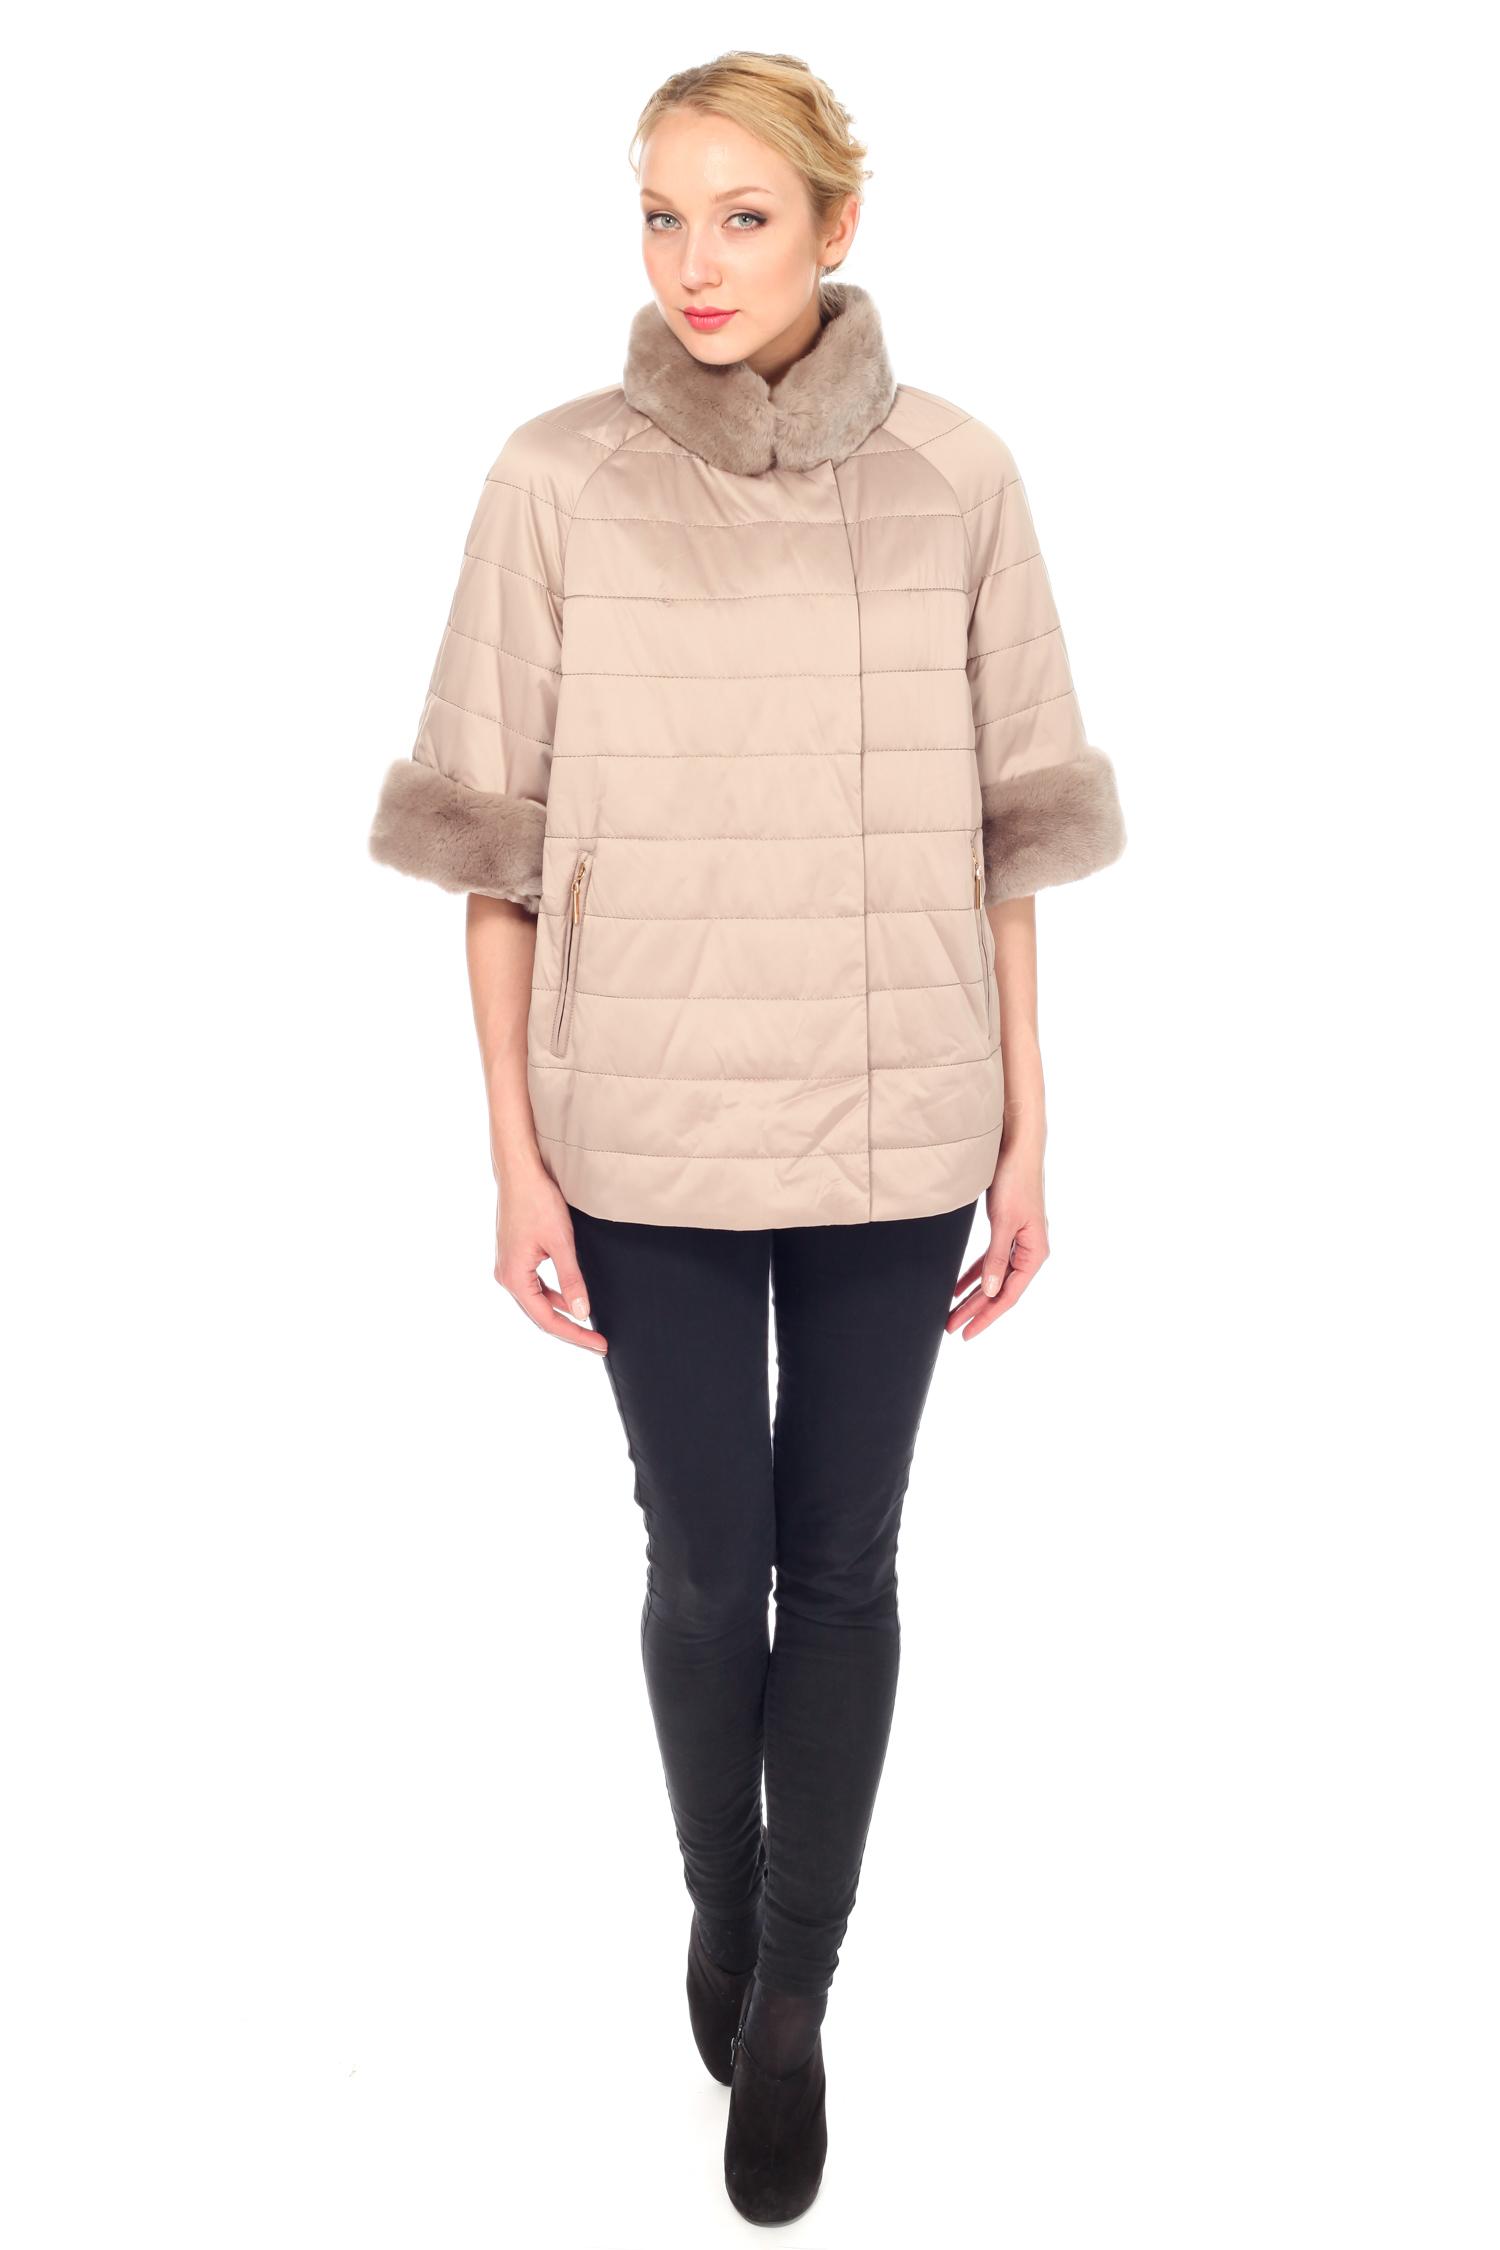 Куртка женская из текстиля с воротником, отделка кролик от Московская Меховая Компания